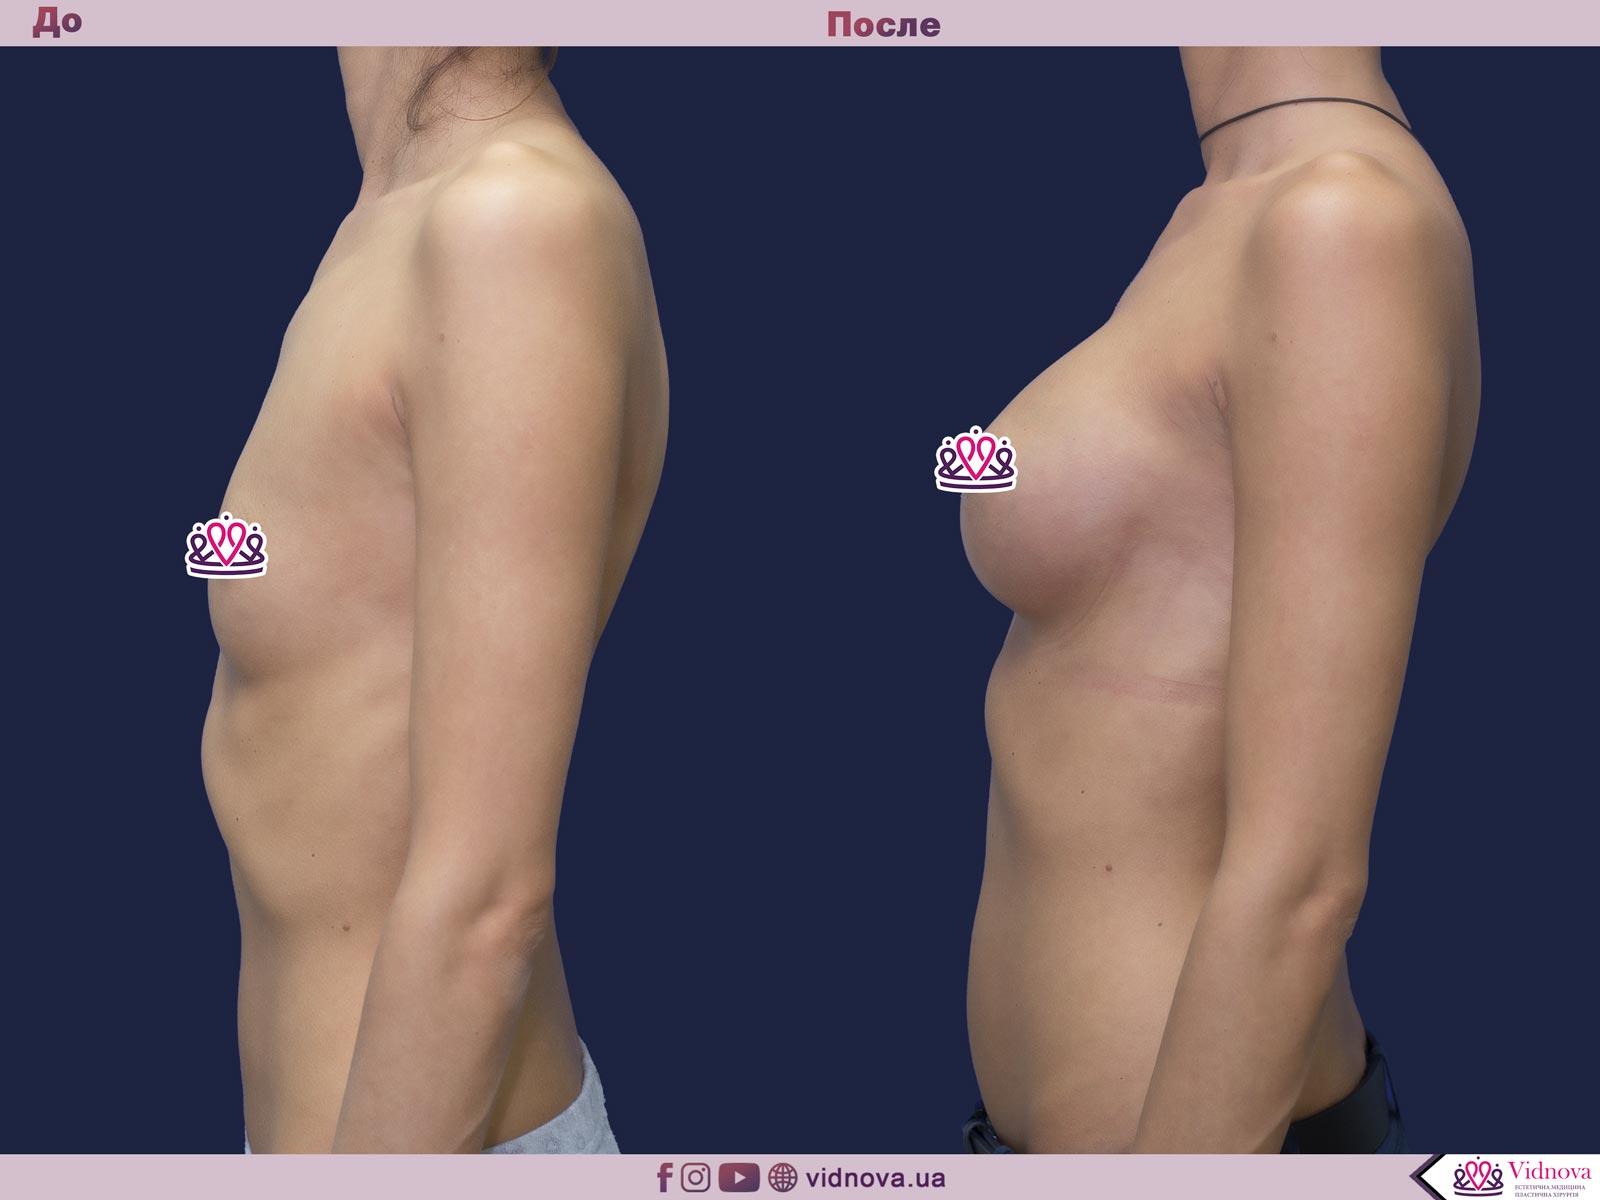 Пластика груди: результаты до и после - Пример №42-2 - Светлана Работенко